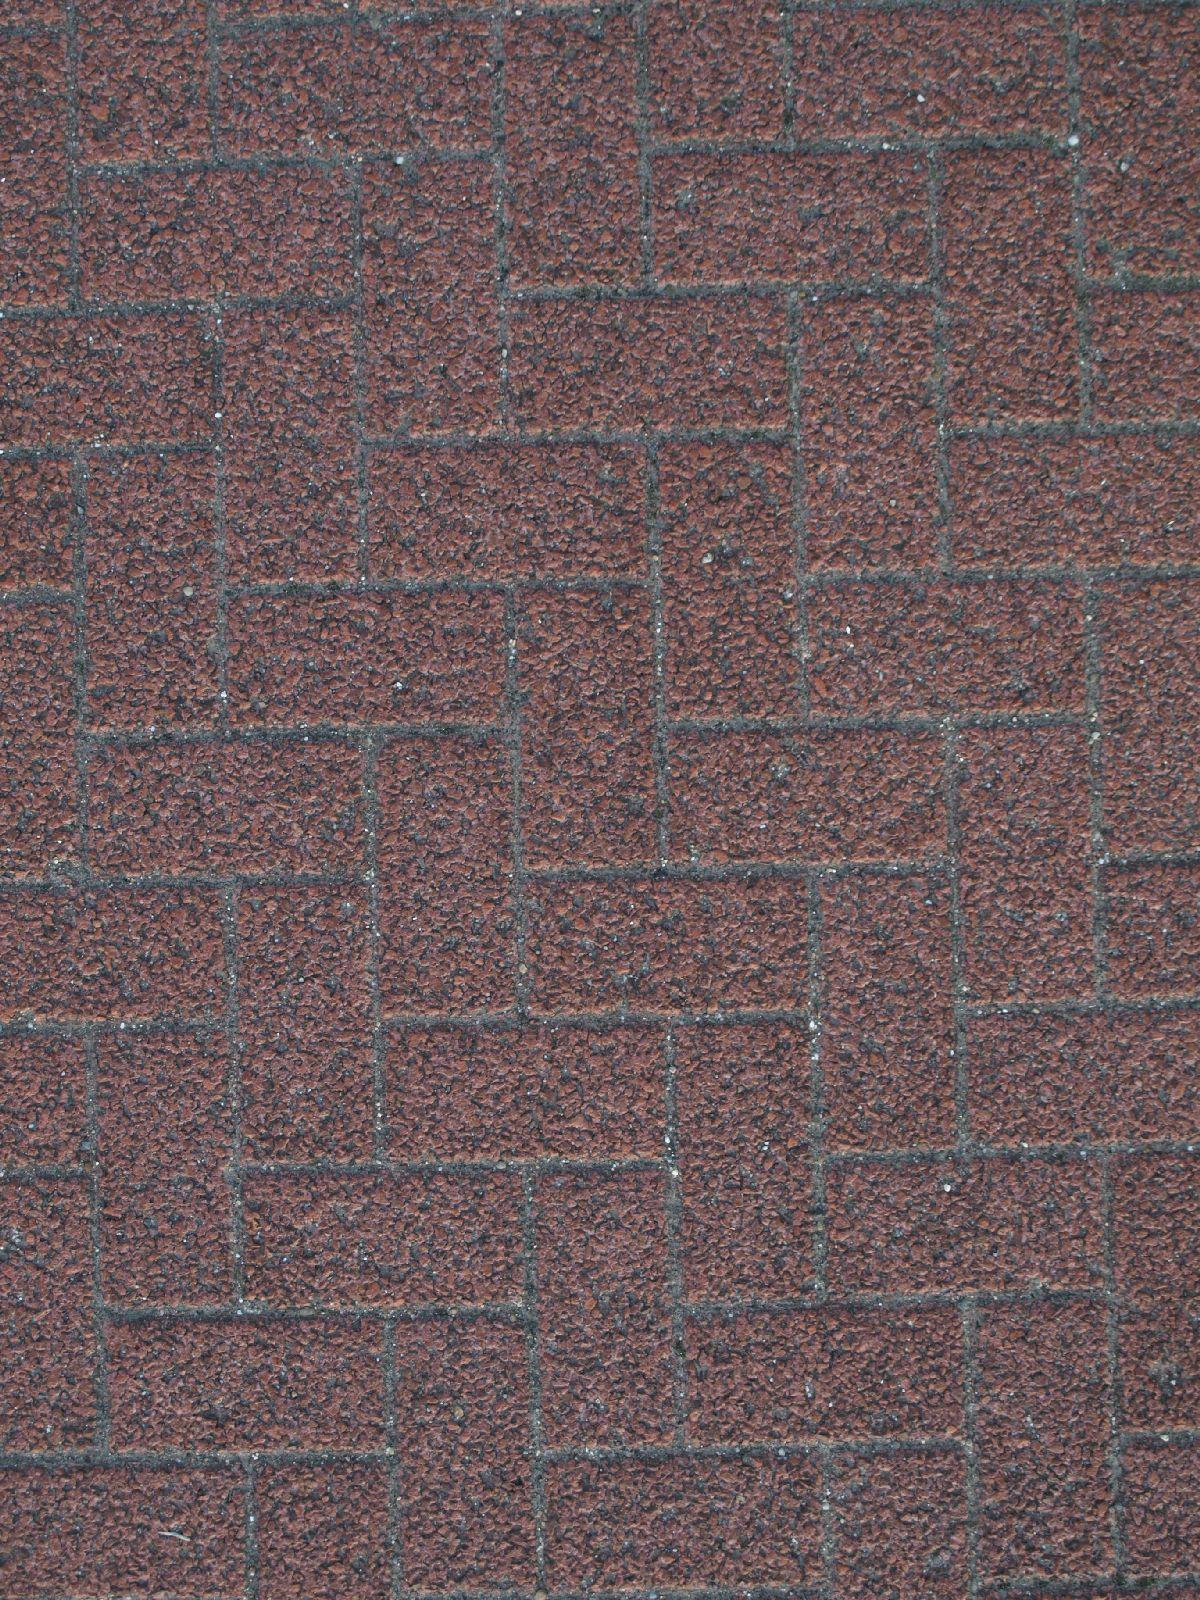 Boden-Gehweg-Strasse-Buergersteig-Textur_A_P9144902